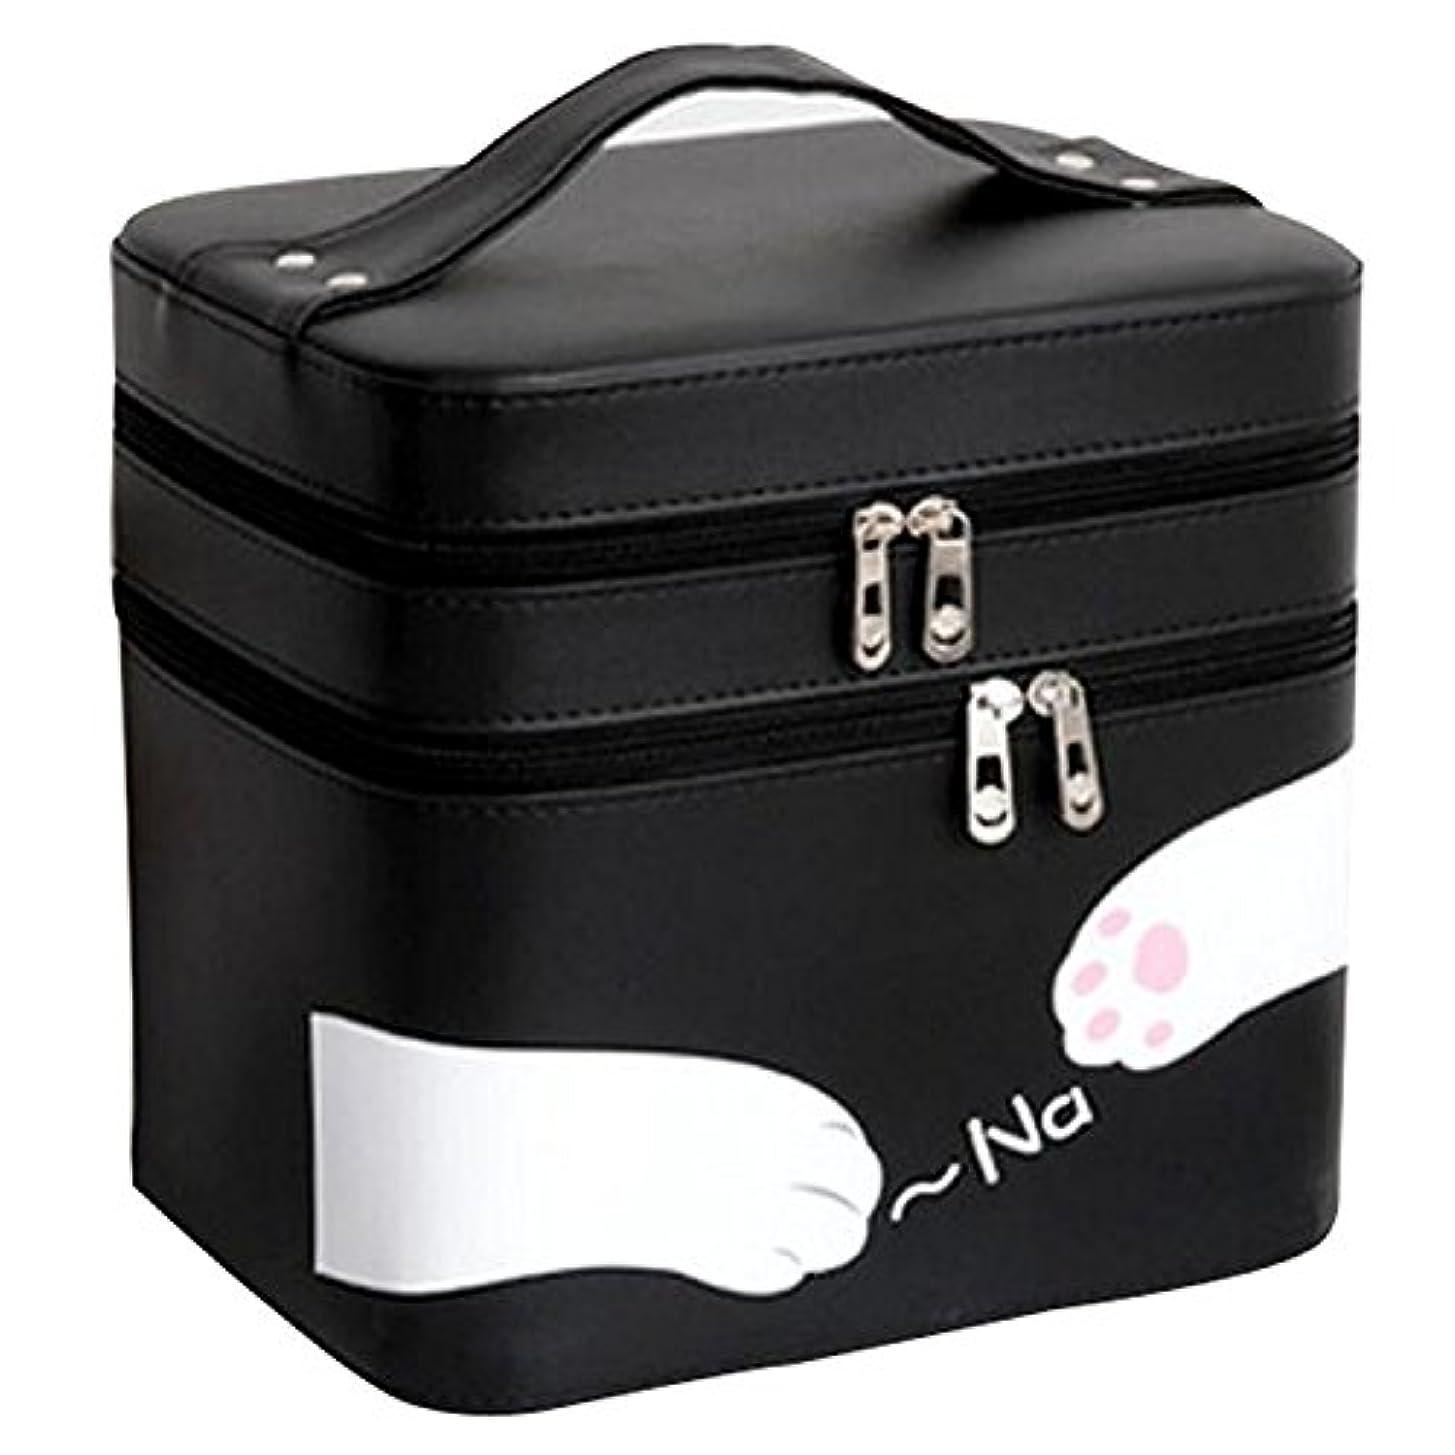 標高カーフのためFYX 化粧品収納 収納ケース コスメボックス メイク用品収納 小物入れ 大容量 取っ手付 ミラー付き 携帯に便利  カワイイネコ 3段タイプ (ブラック)